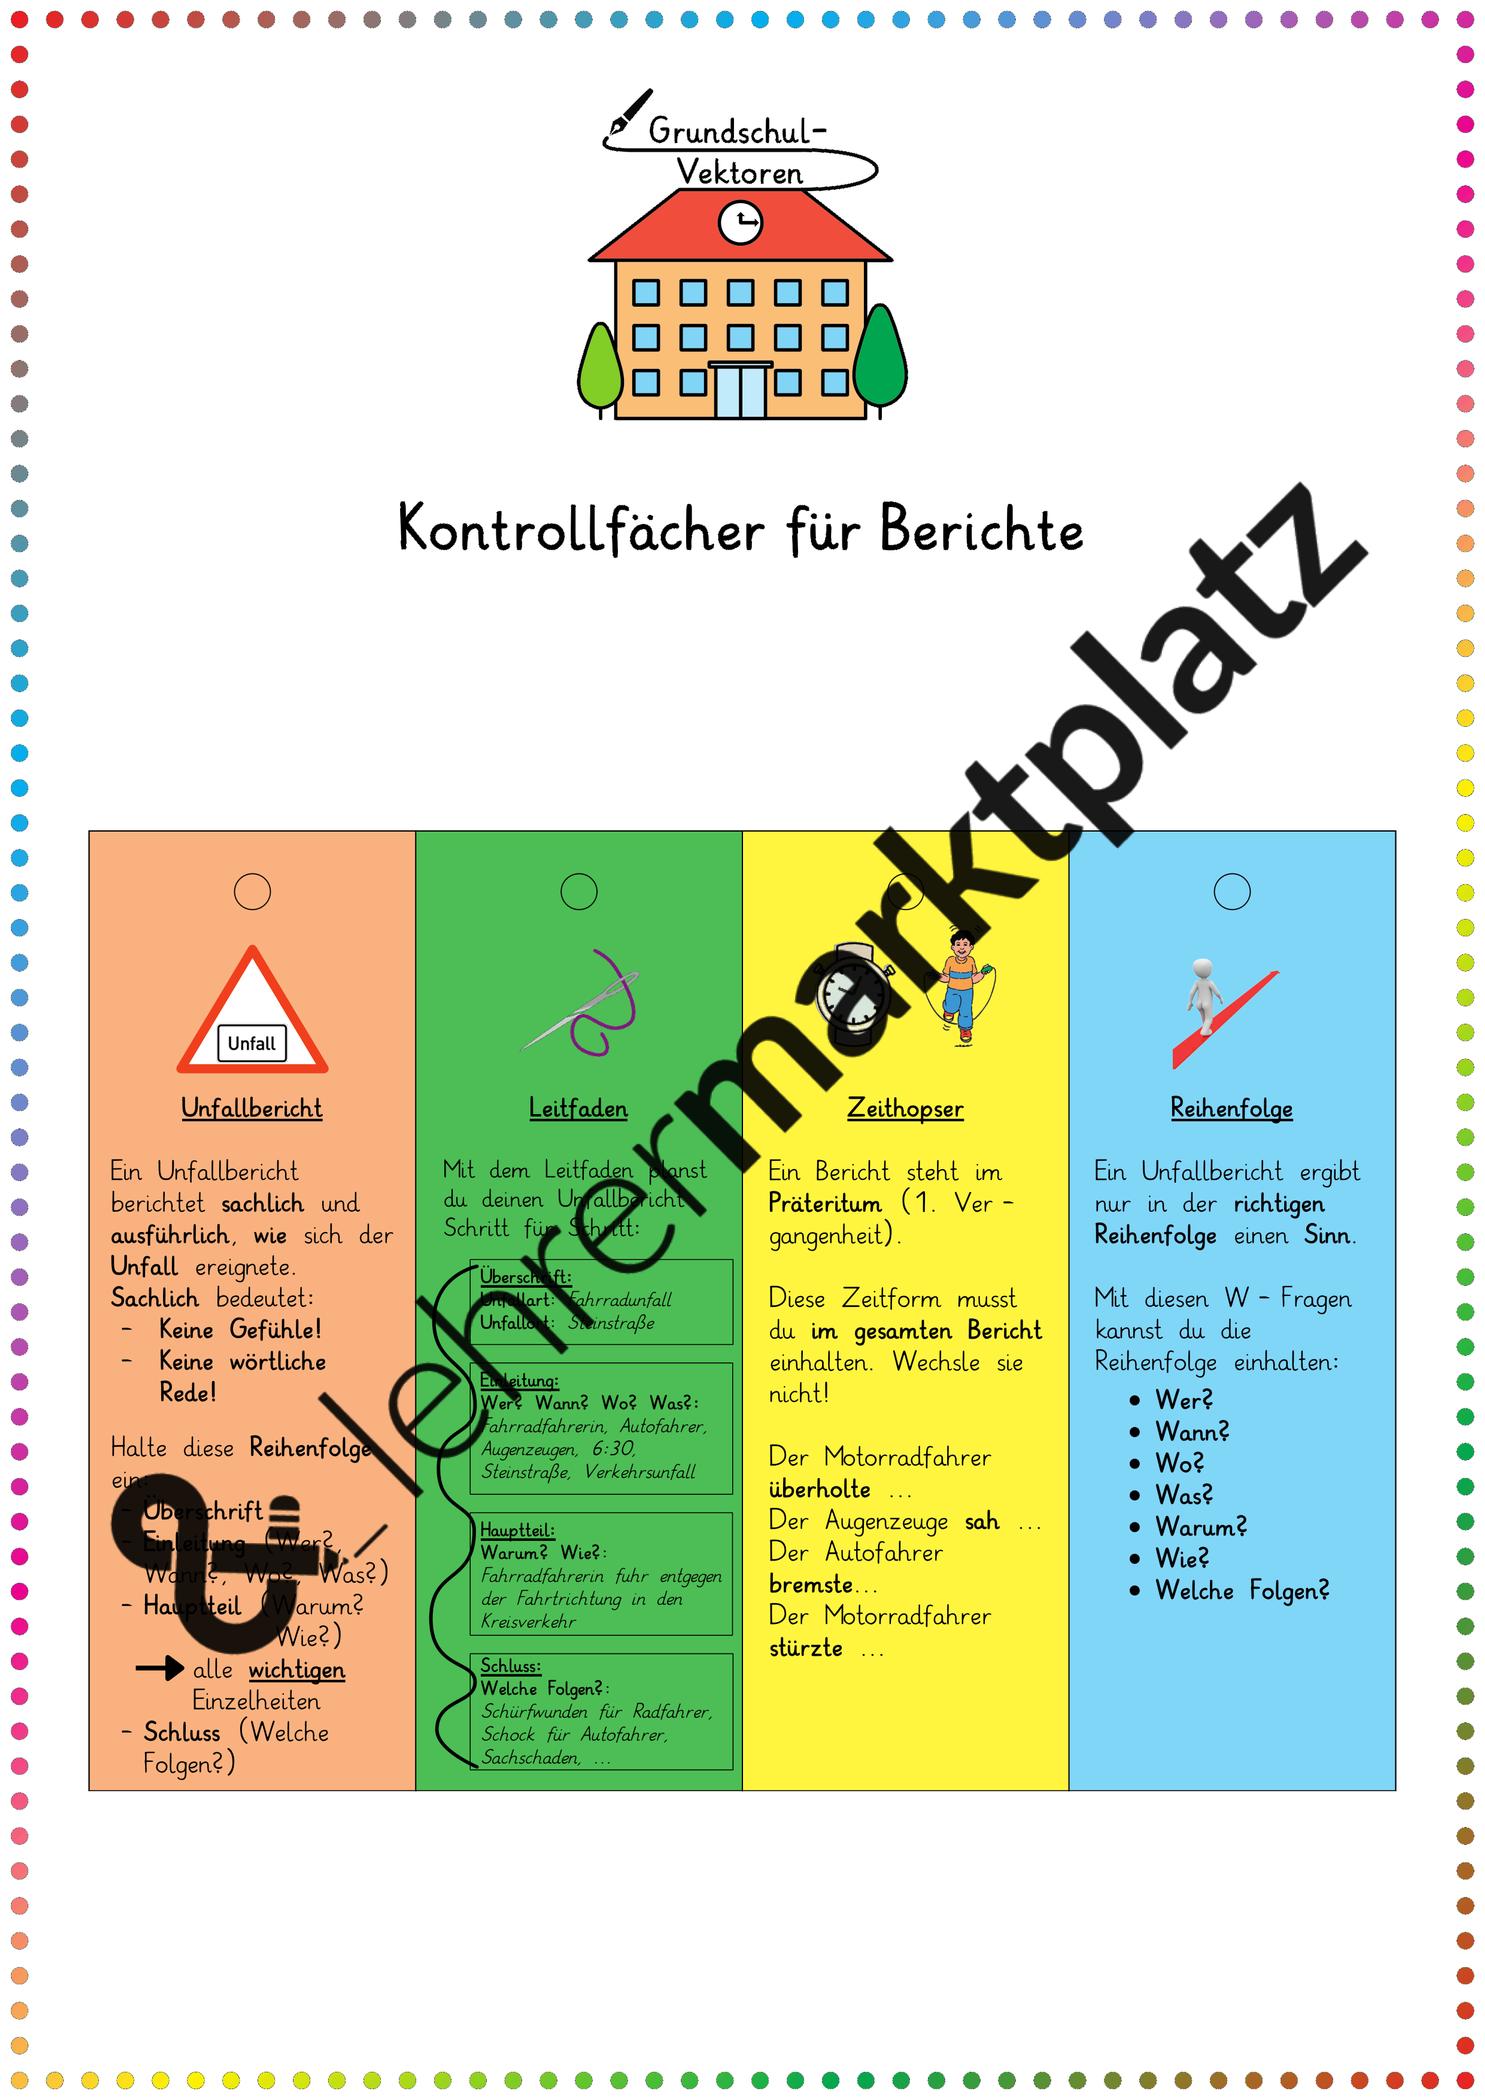 Kontrollfacher Fur Berichte Unterrichtsmaterial Im Fach Deutsch Unterrichtsmaterial Klassenarbeiten Deutsch